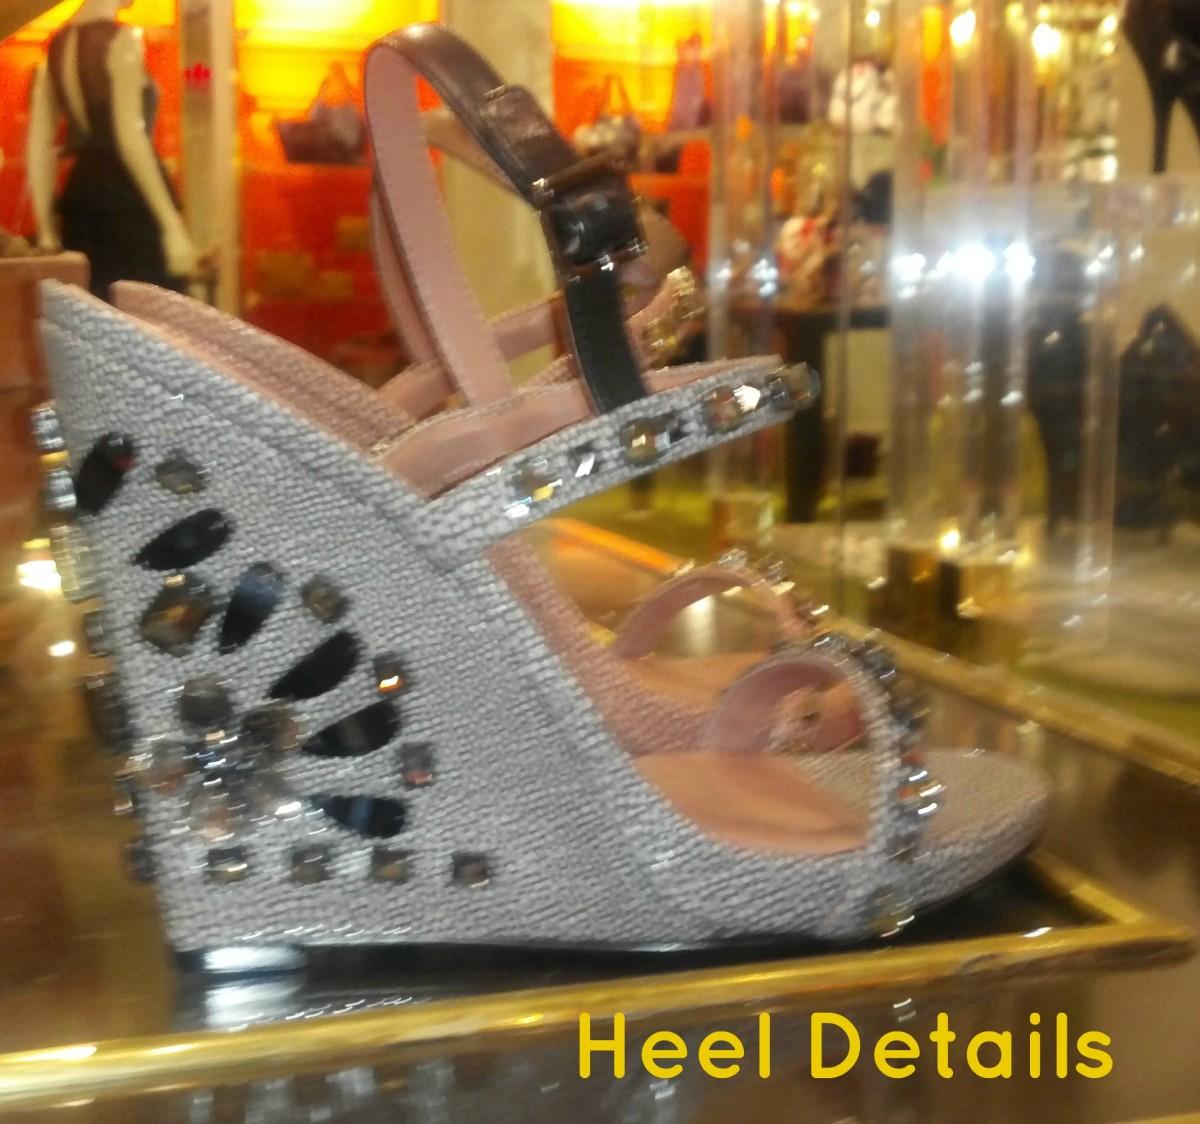 heel details 2